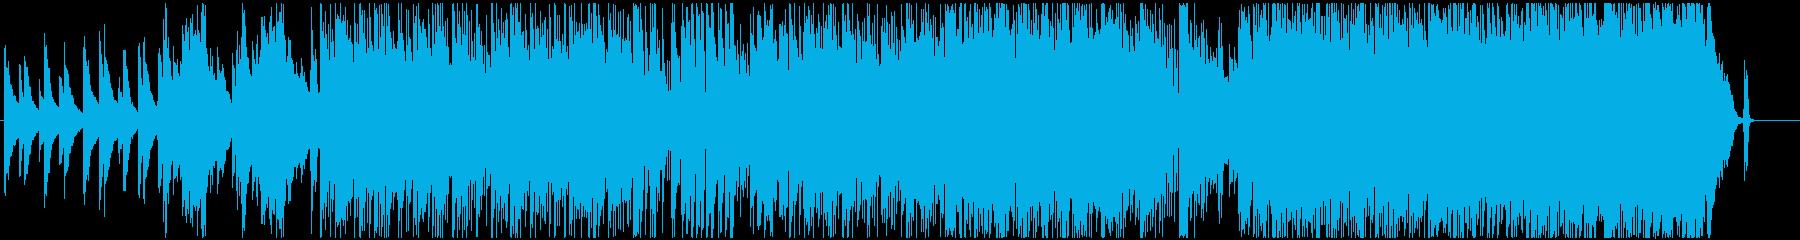 ピアノとバンドの爽やかなポップスの再生済みの波形